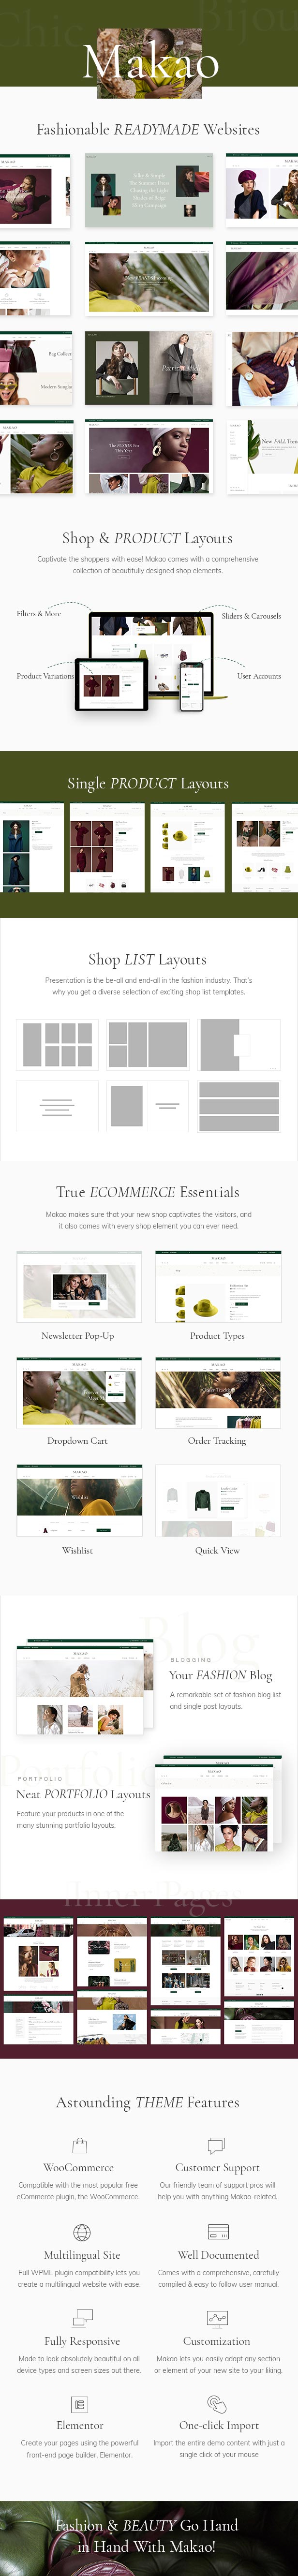 Makao - Fashion Shop WordPress Theme - 1